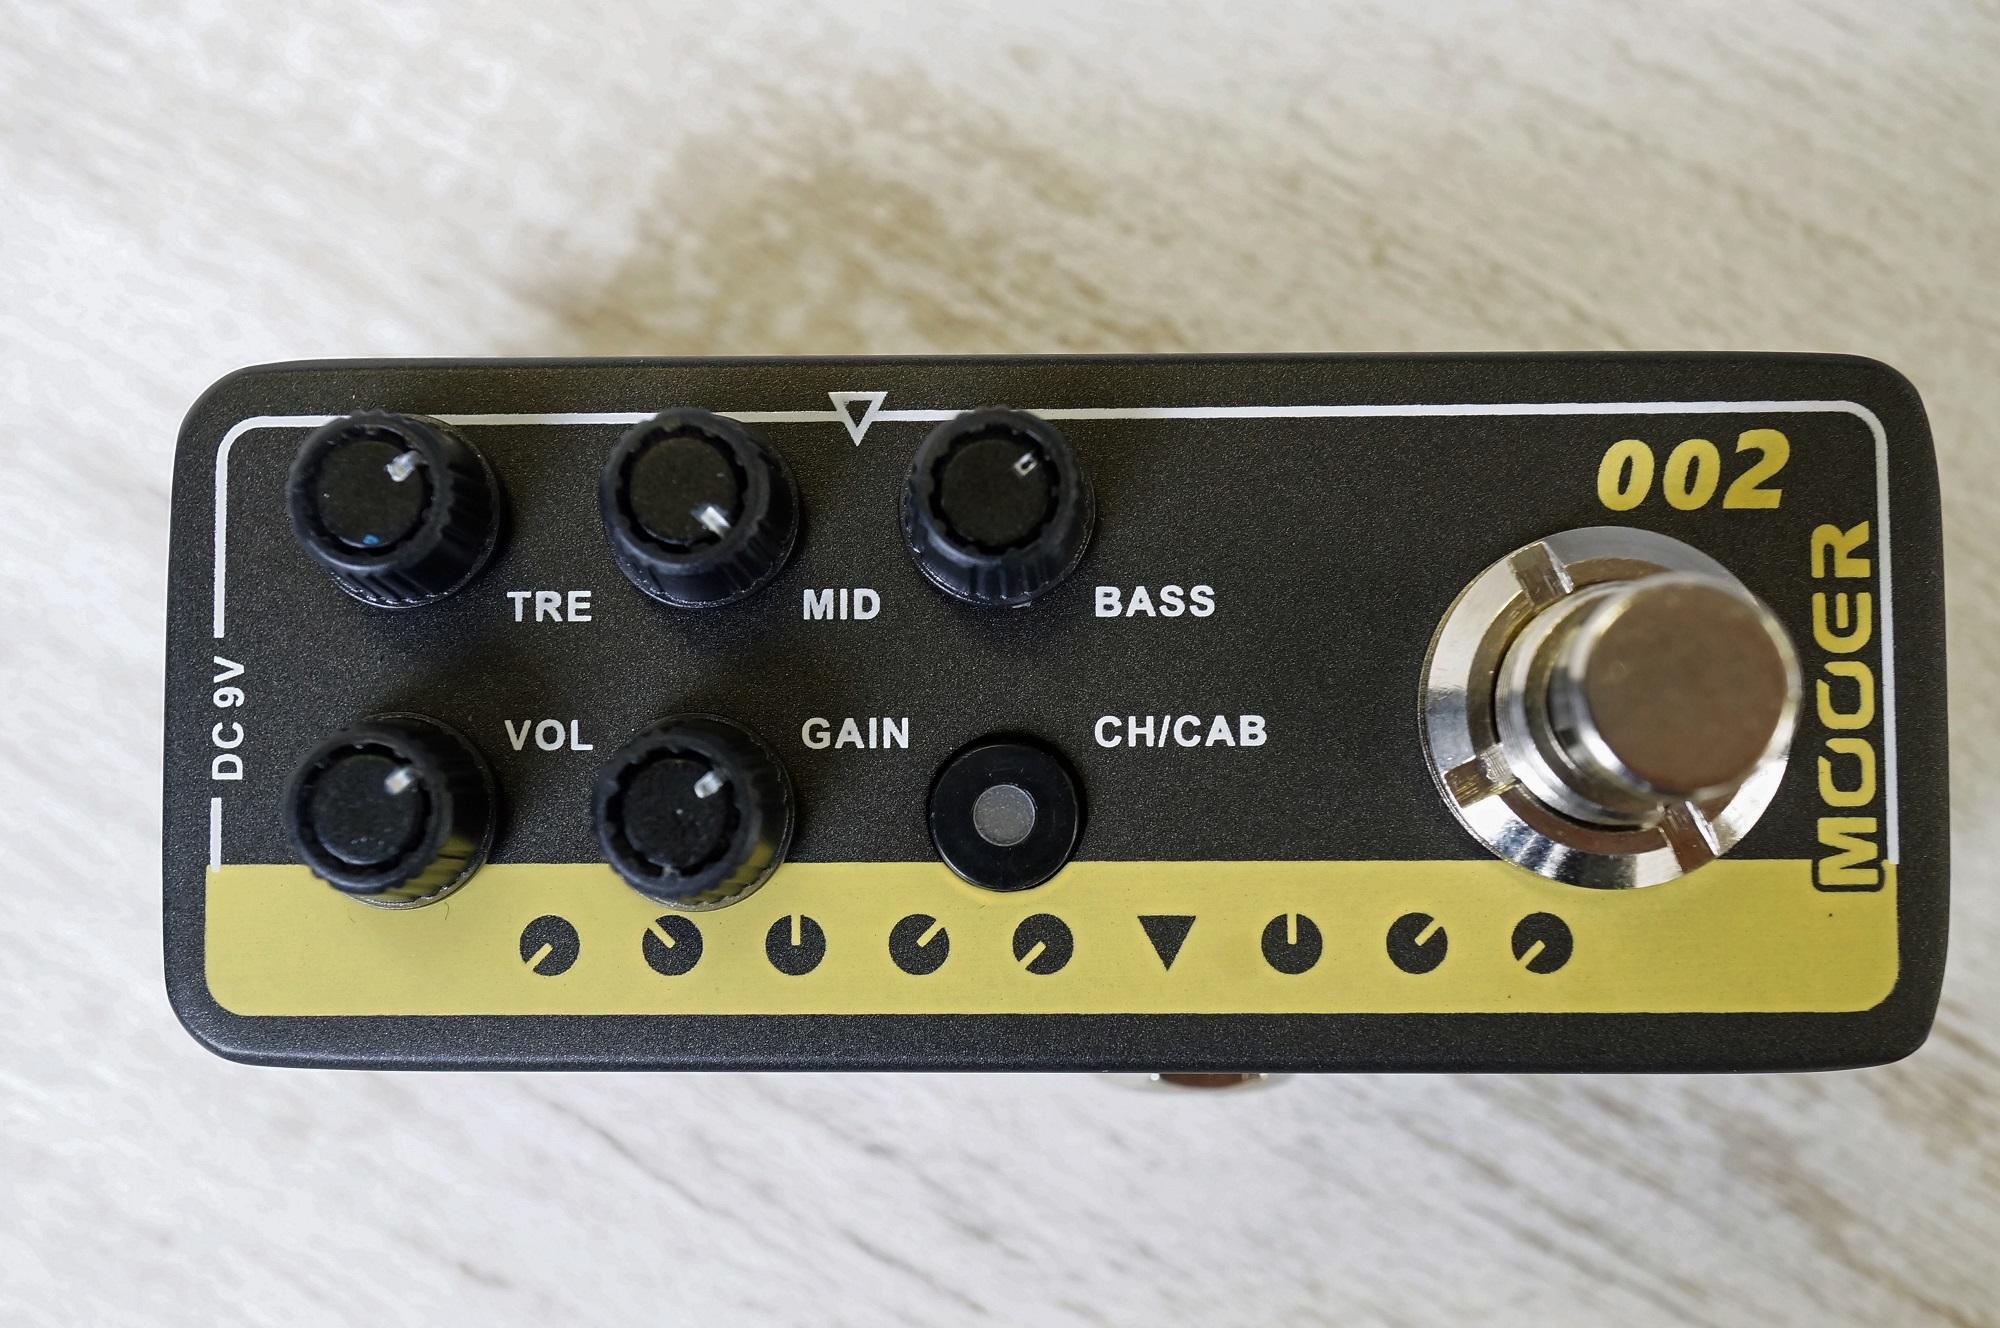 Jcm900mooer Mooer Micro Preamp 002 Uk Gold 900 Based On Marshall Jcm900 Lep International